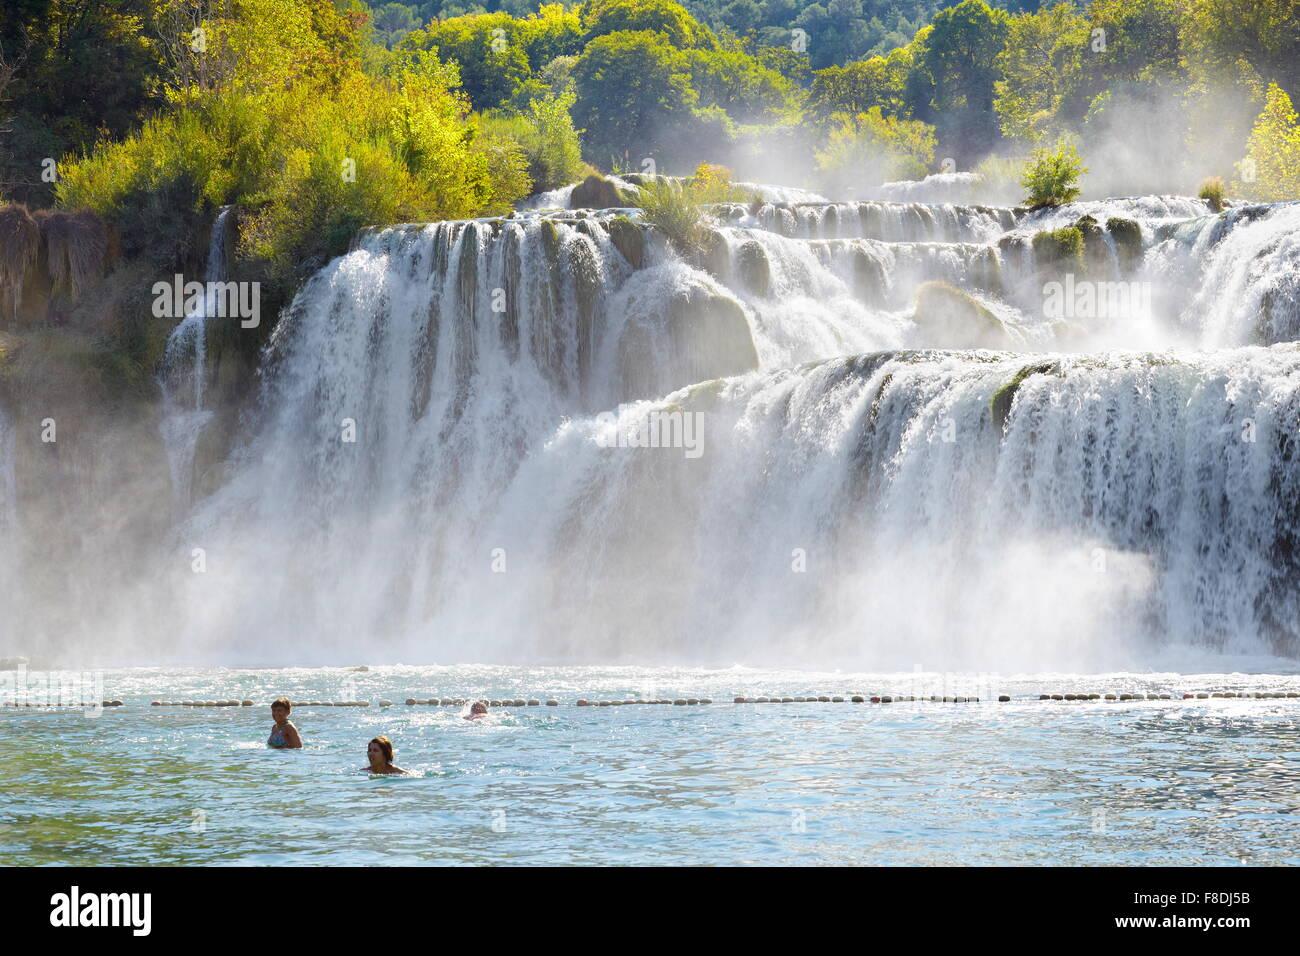 Cascate di Krka, Parco Nazionale di Krka, Croazia, Europa Immagini Stock